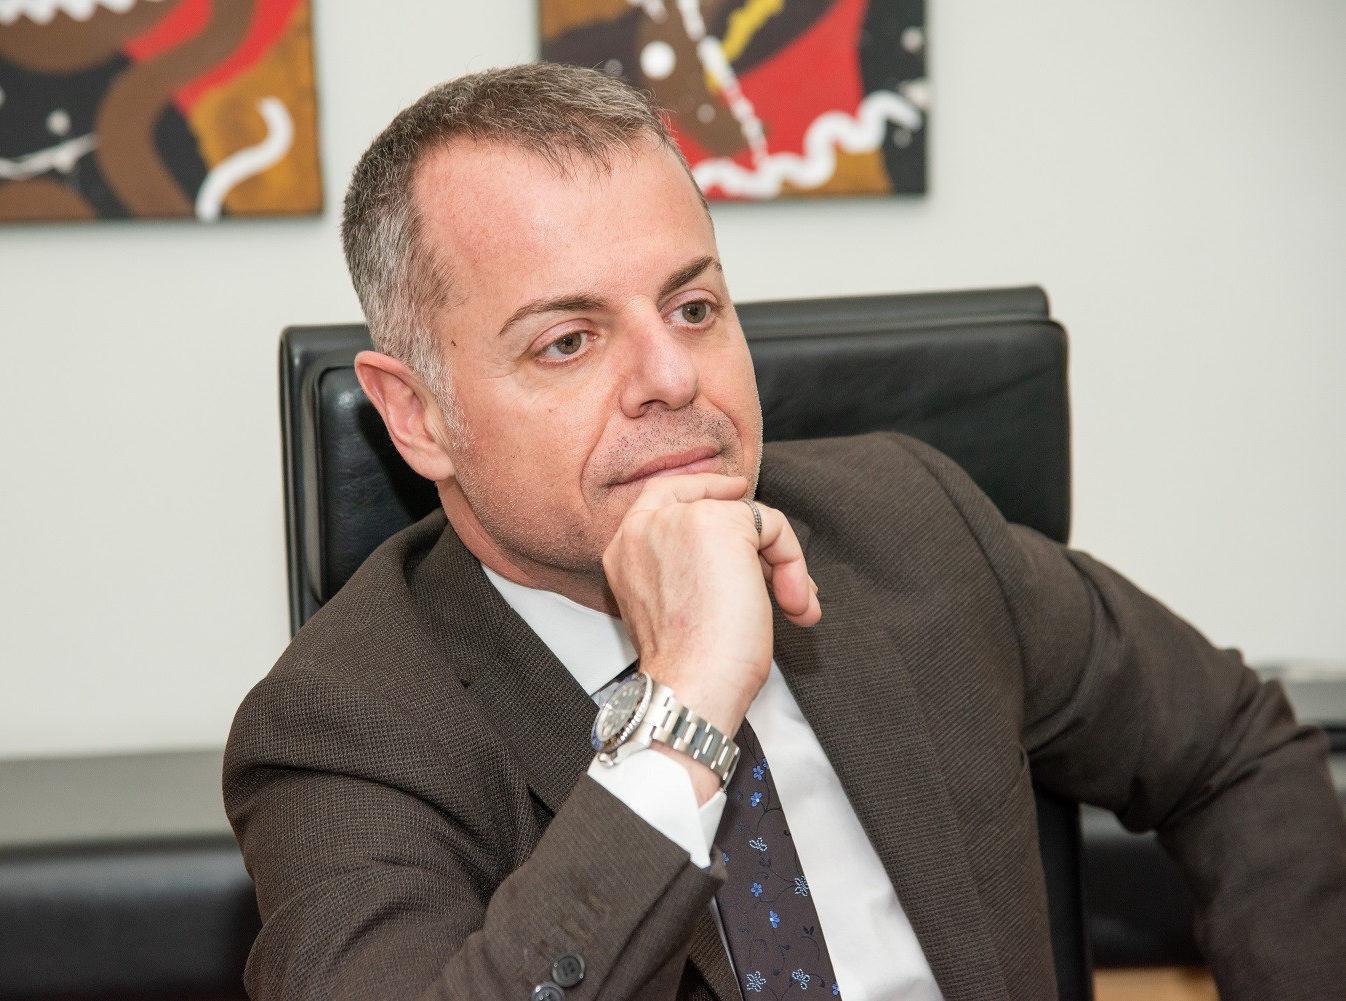 Γιάννης Καρούζος: Δικαιούμαι αποζημίωση αν η έκδοση δικαστικής απόφασης καθυστέρησε υπερβολικά ;